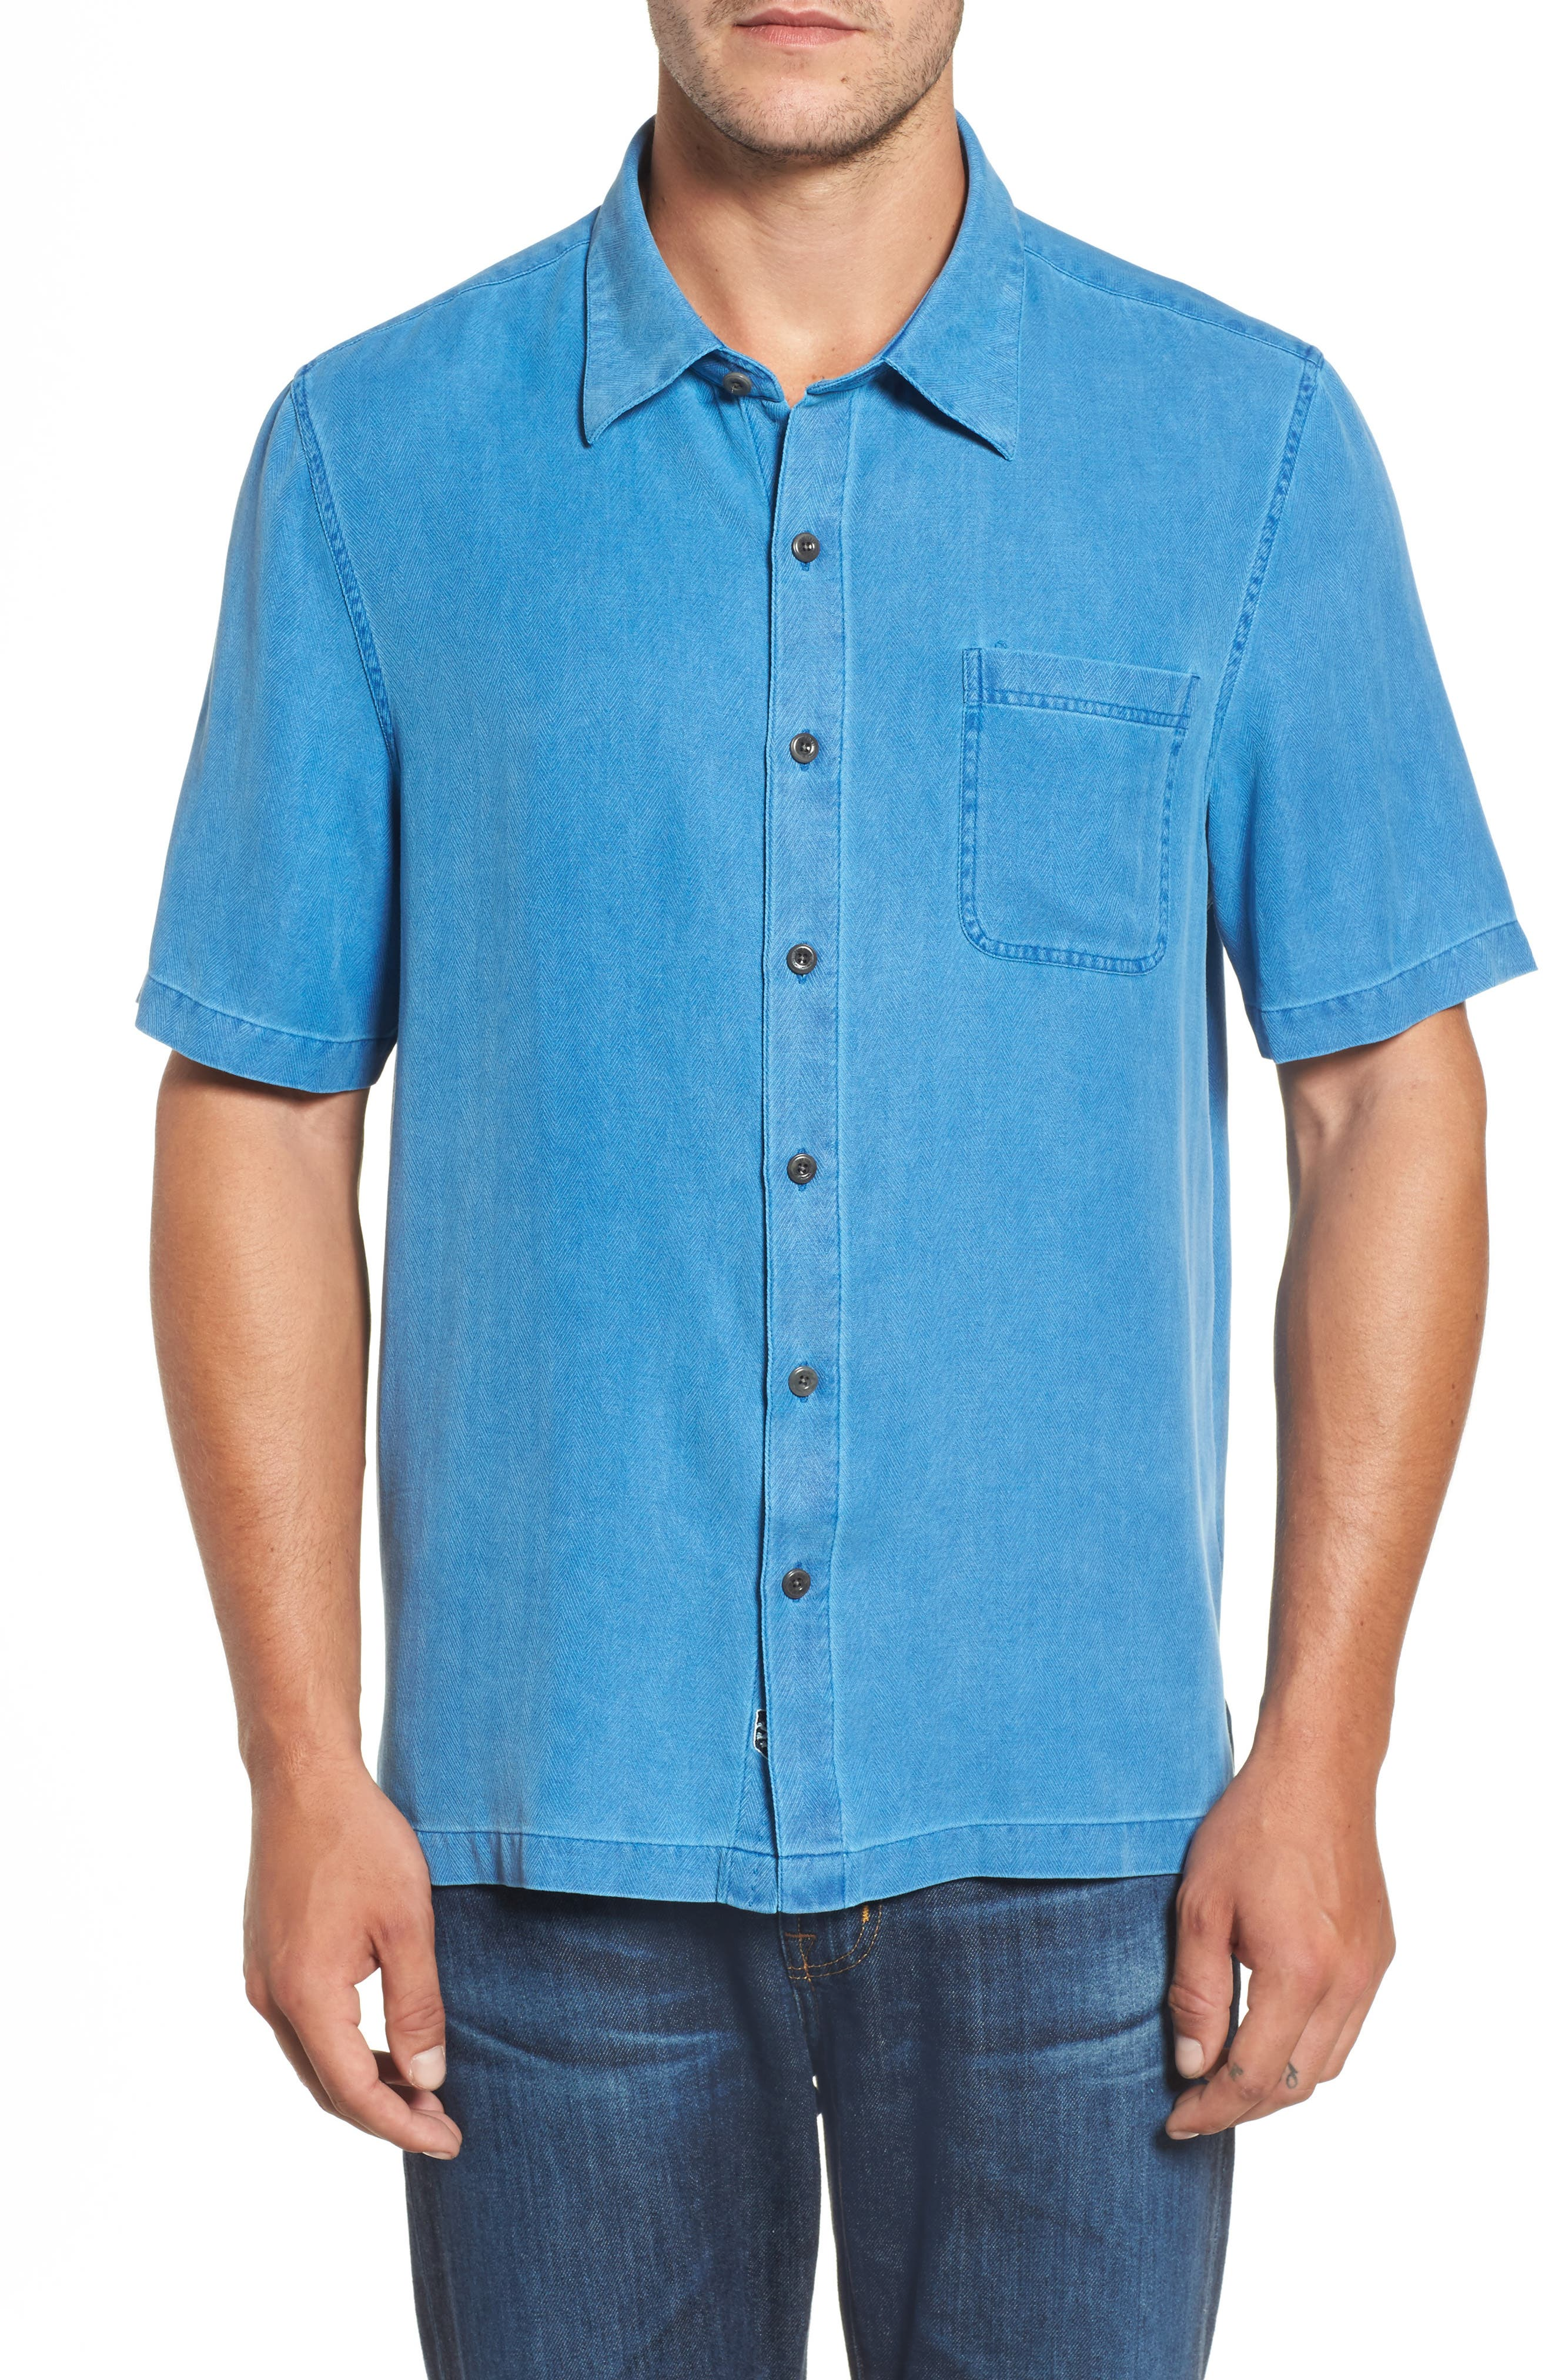 Nat Nast With a Twist Silk Blend Camp Shirt